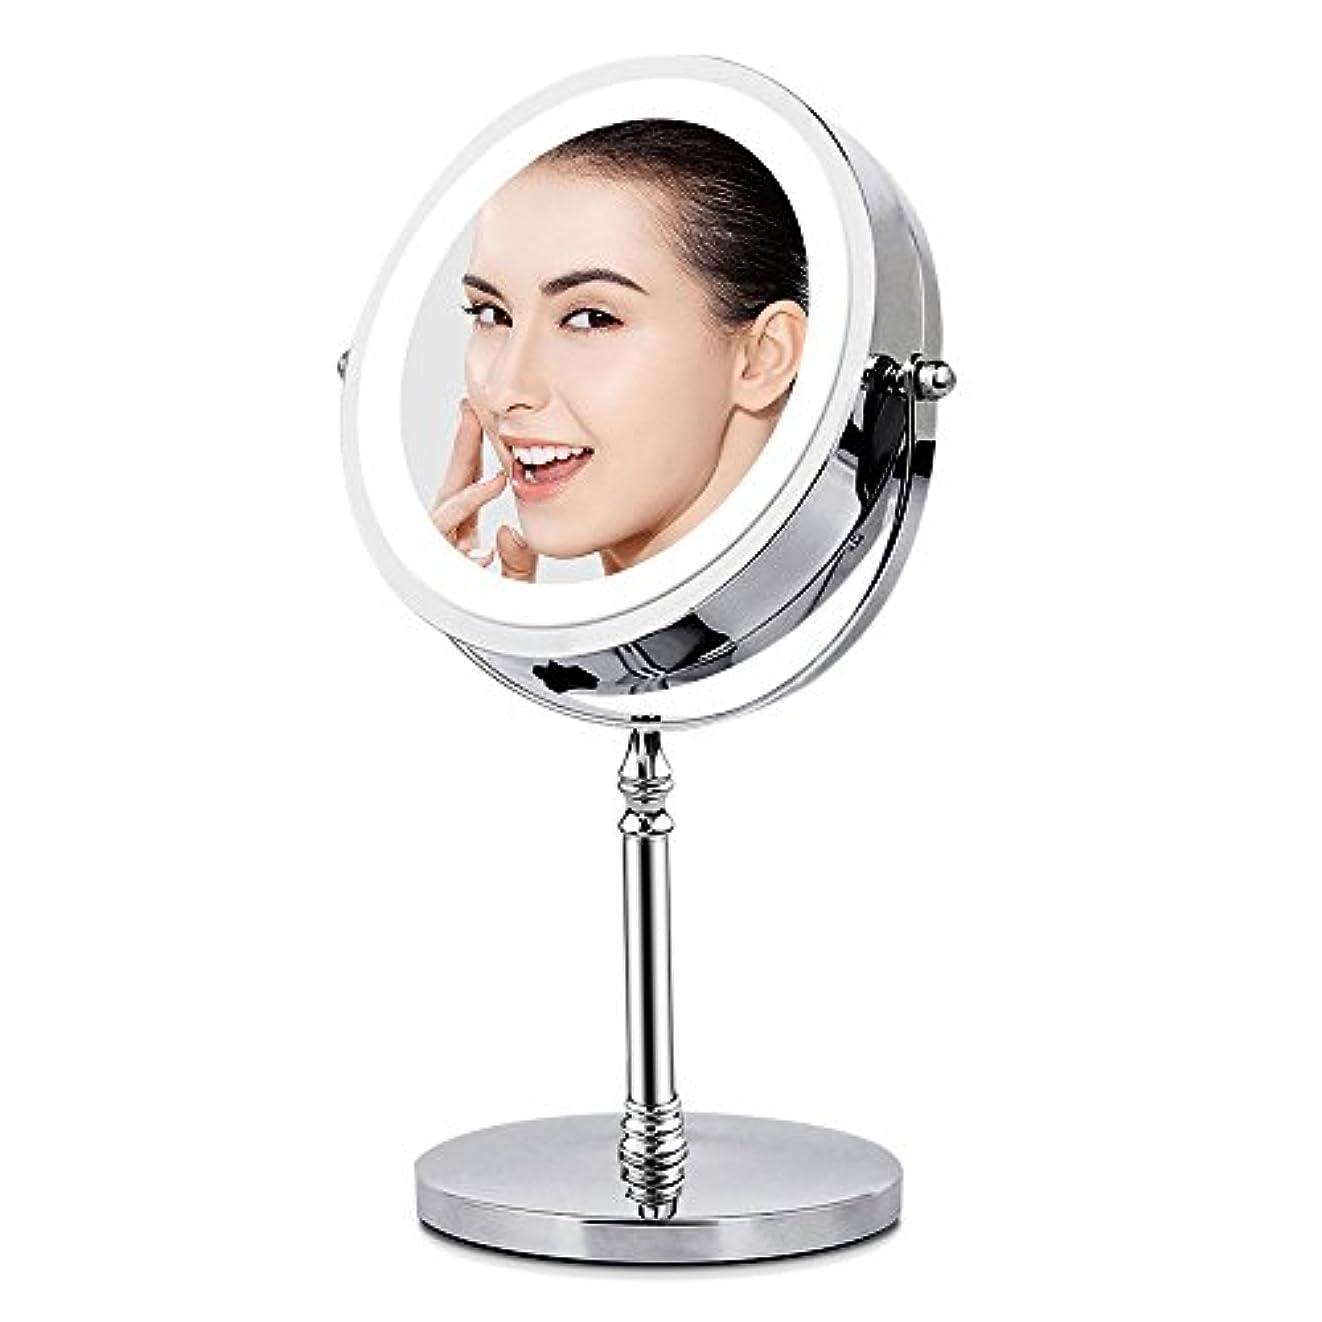 踏みつけ漏れ遅れBRIGHTINWD LED化粧鏡 「10倍拡大鏡&等倍鏡 LEDライト付き 360度回転」 卓上鏡 両面鏡 メイク道具 スタンドミラー 日本語取扱説明書付き